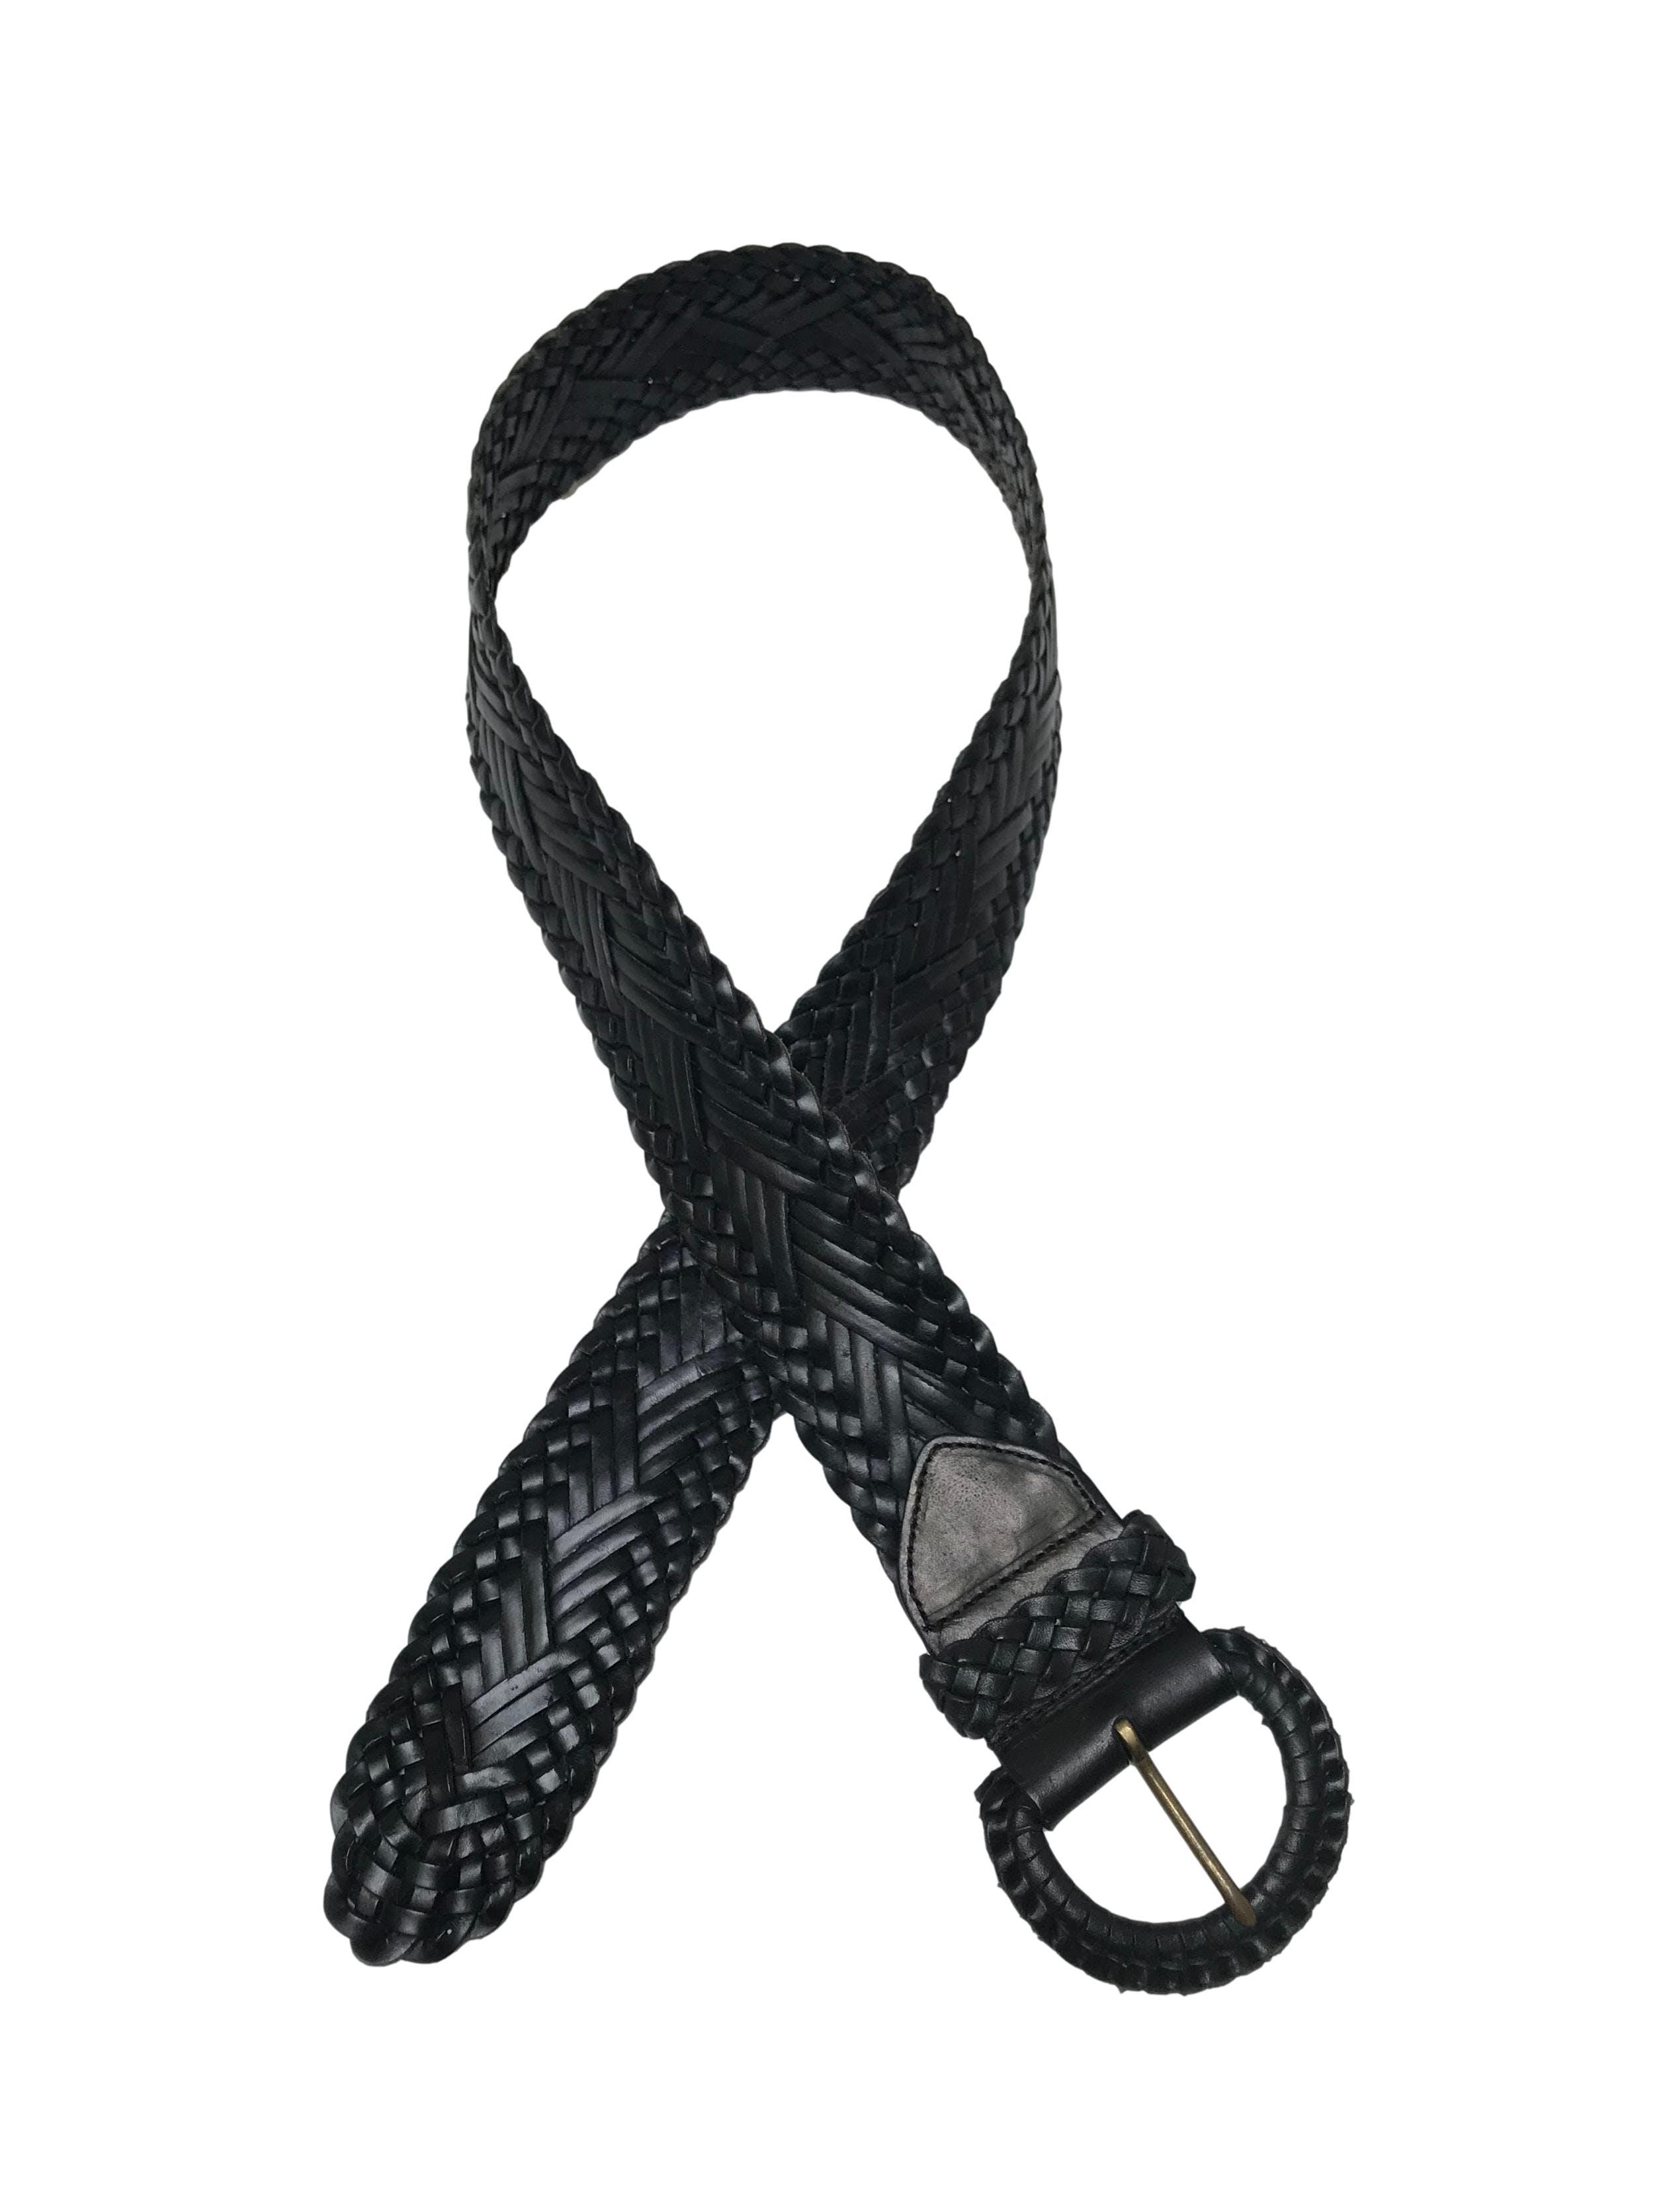 Correa gruesa de cuero negro trenzado. Largo 100cm Ancho 5cm. Estado 9/10